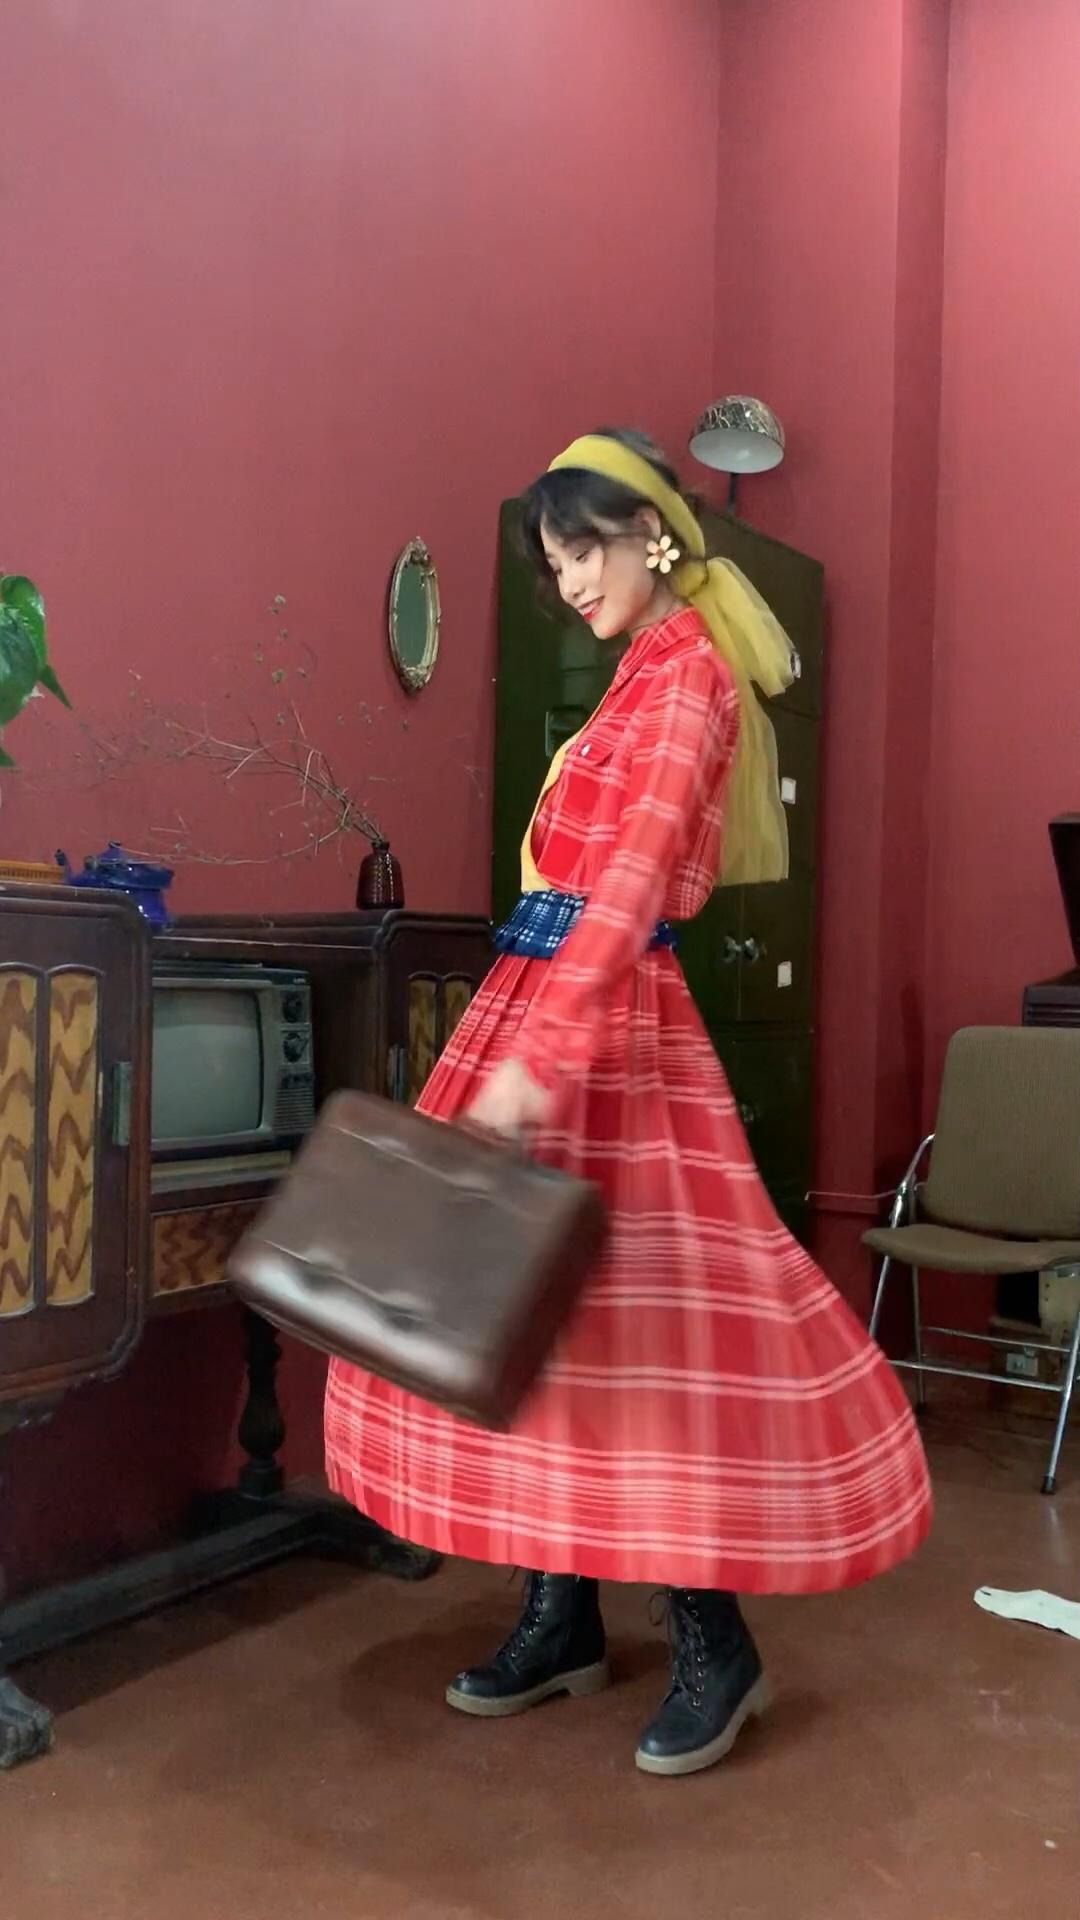 #蘑菇街新品测评# 看到这个三原色格纹拼接简直惊艳٩😍۶ 🧚🏻♂️合同色衬衣在一起就像一条连衣裙👗 但搭配上远不止这一种可能性🎭 趣味的 好玩的 特别的远不止这一件   场地提供:xunruo studio